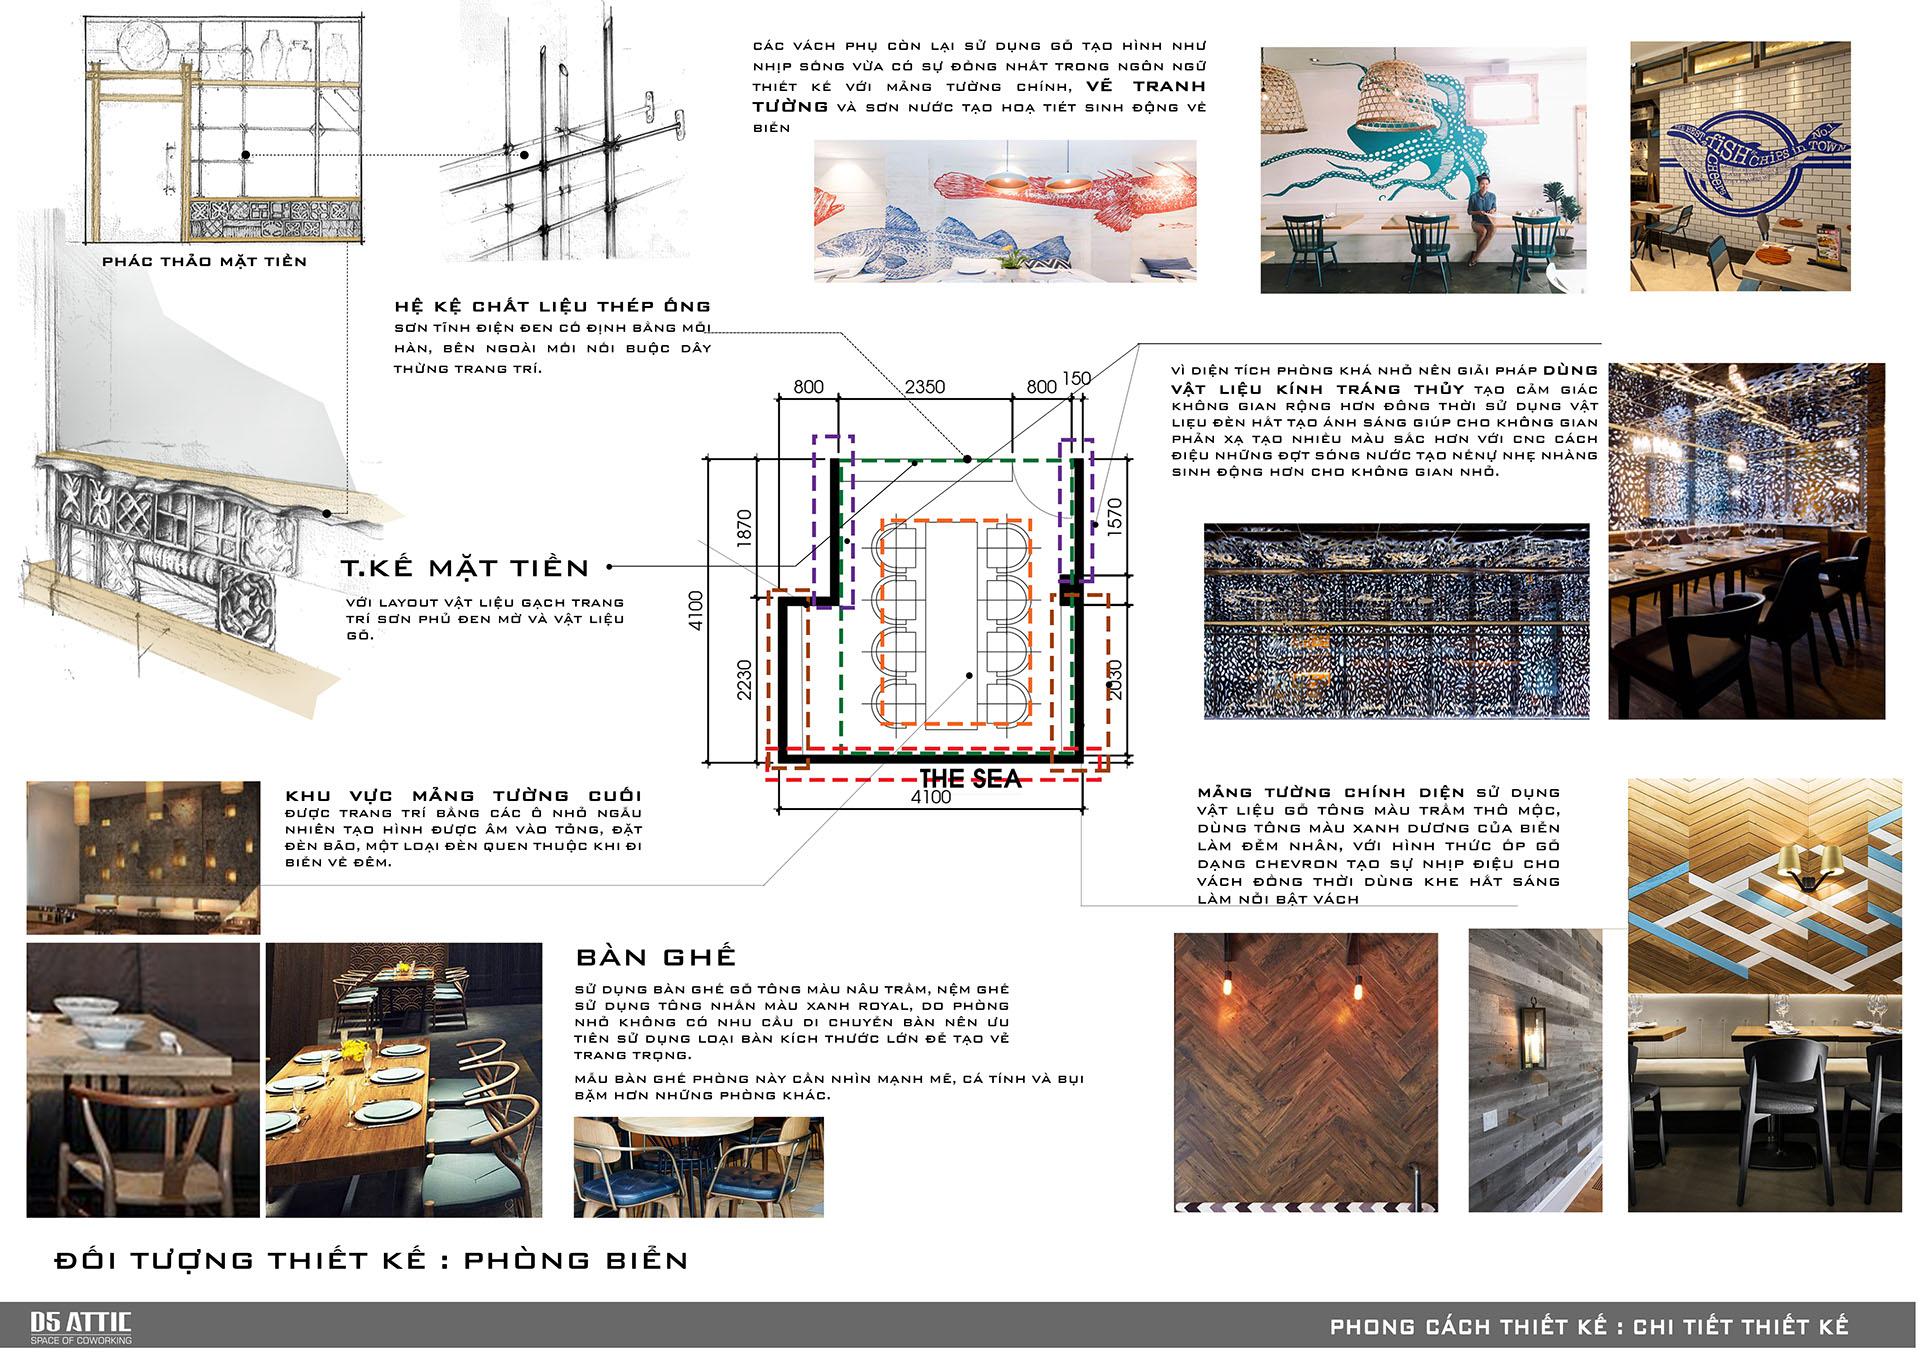 thiết kế nội thất Nhà Hàng tại Hồ Chí Minh Thiết Kế Nhà Hàng Ngọc Sương Bến Thuyền - Phú Nhuận 14 1534748439